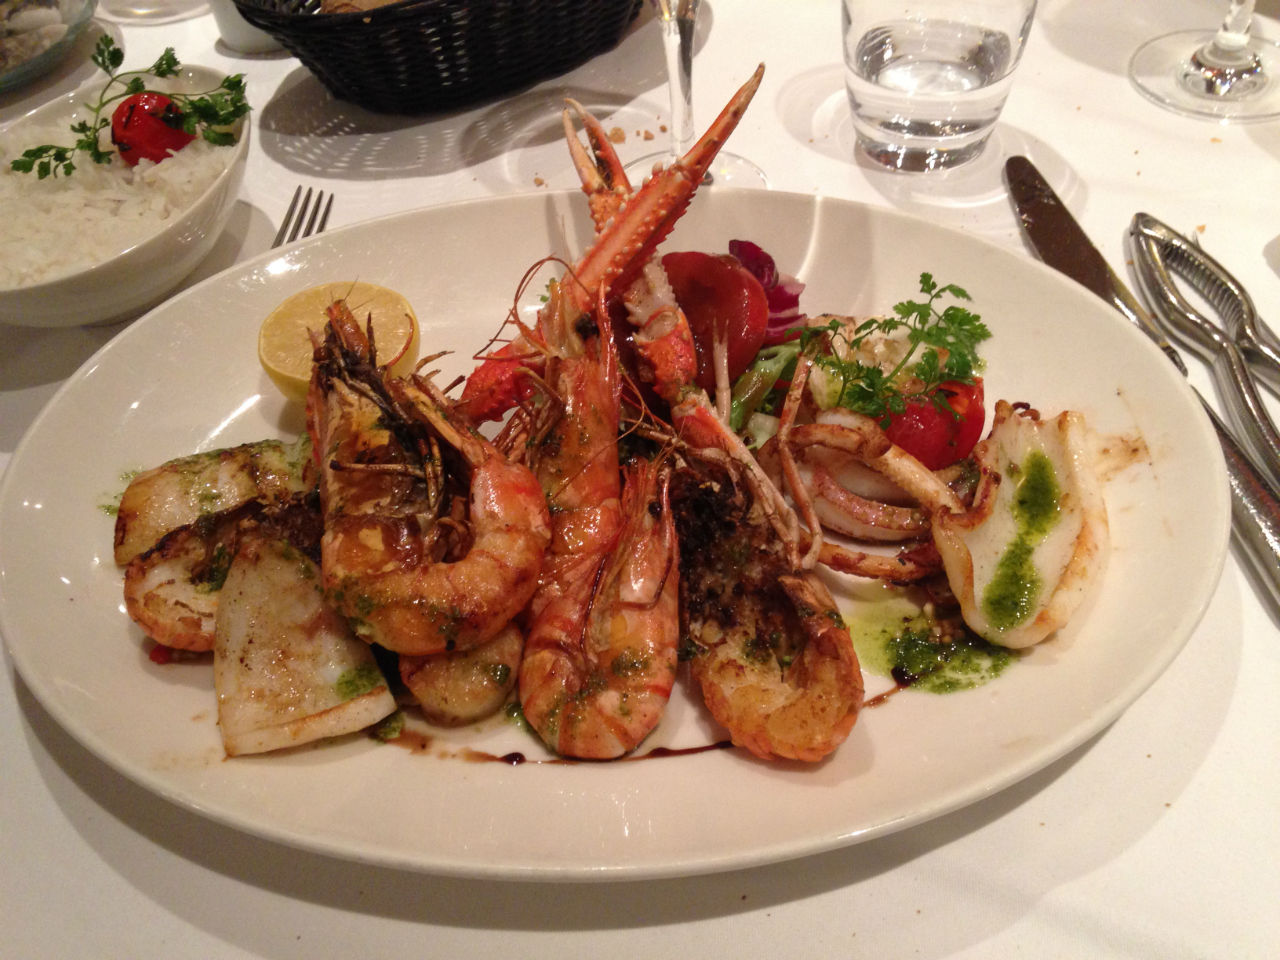 Assiette de fruits de mer : Calamars, langoustes, salade, tomates et citron !